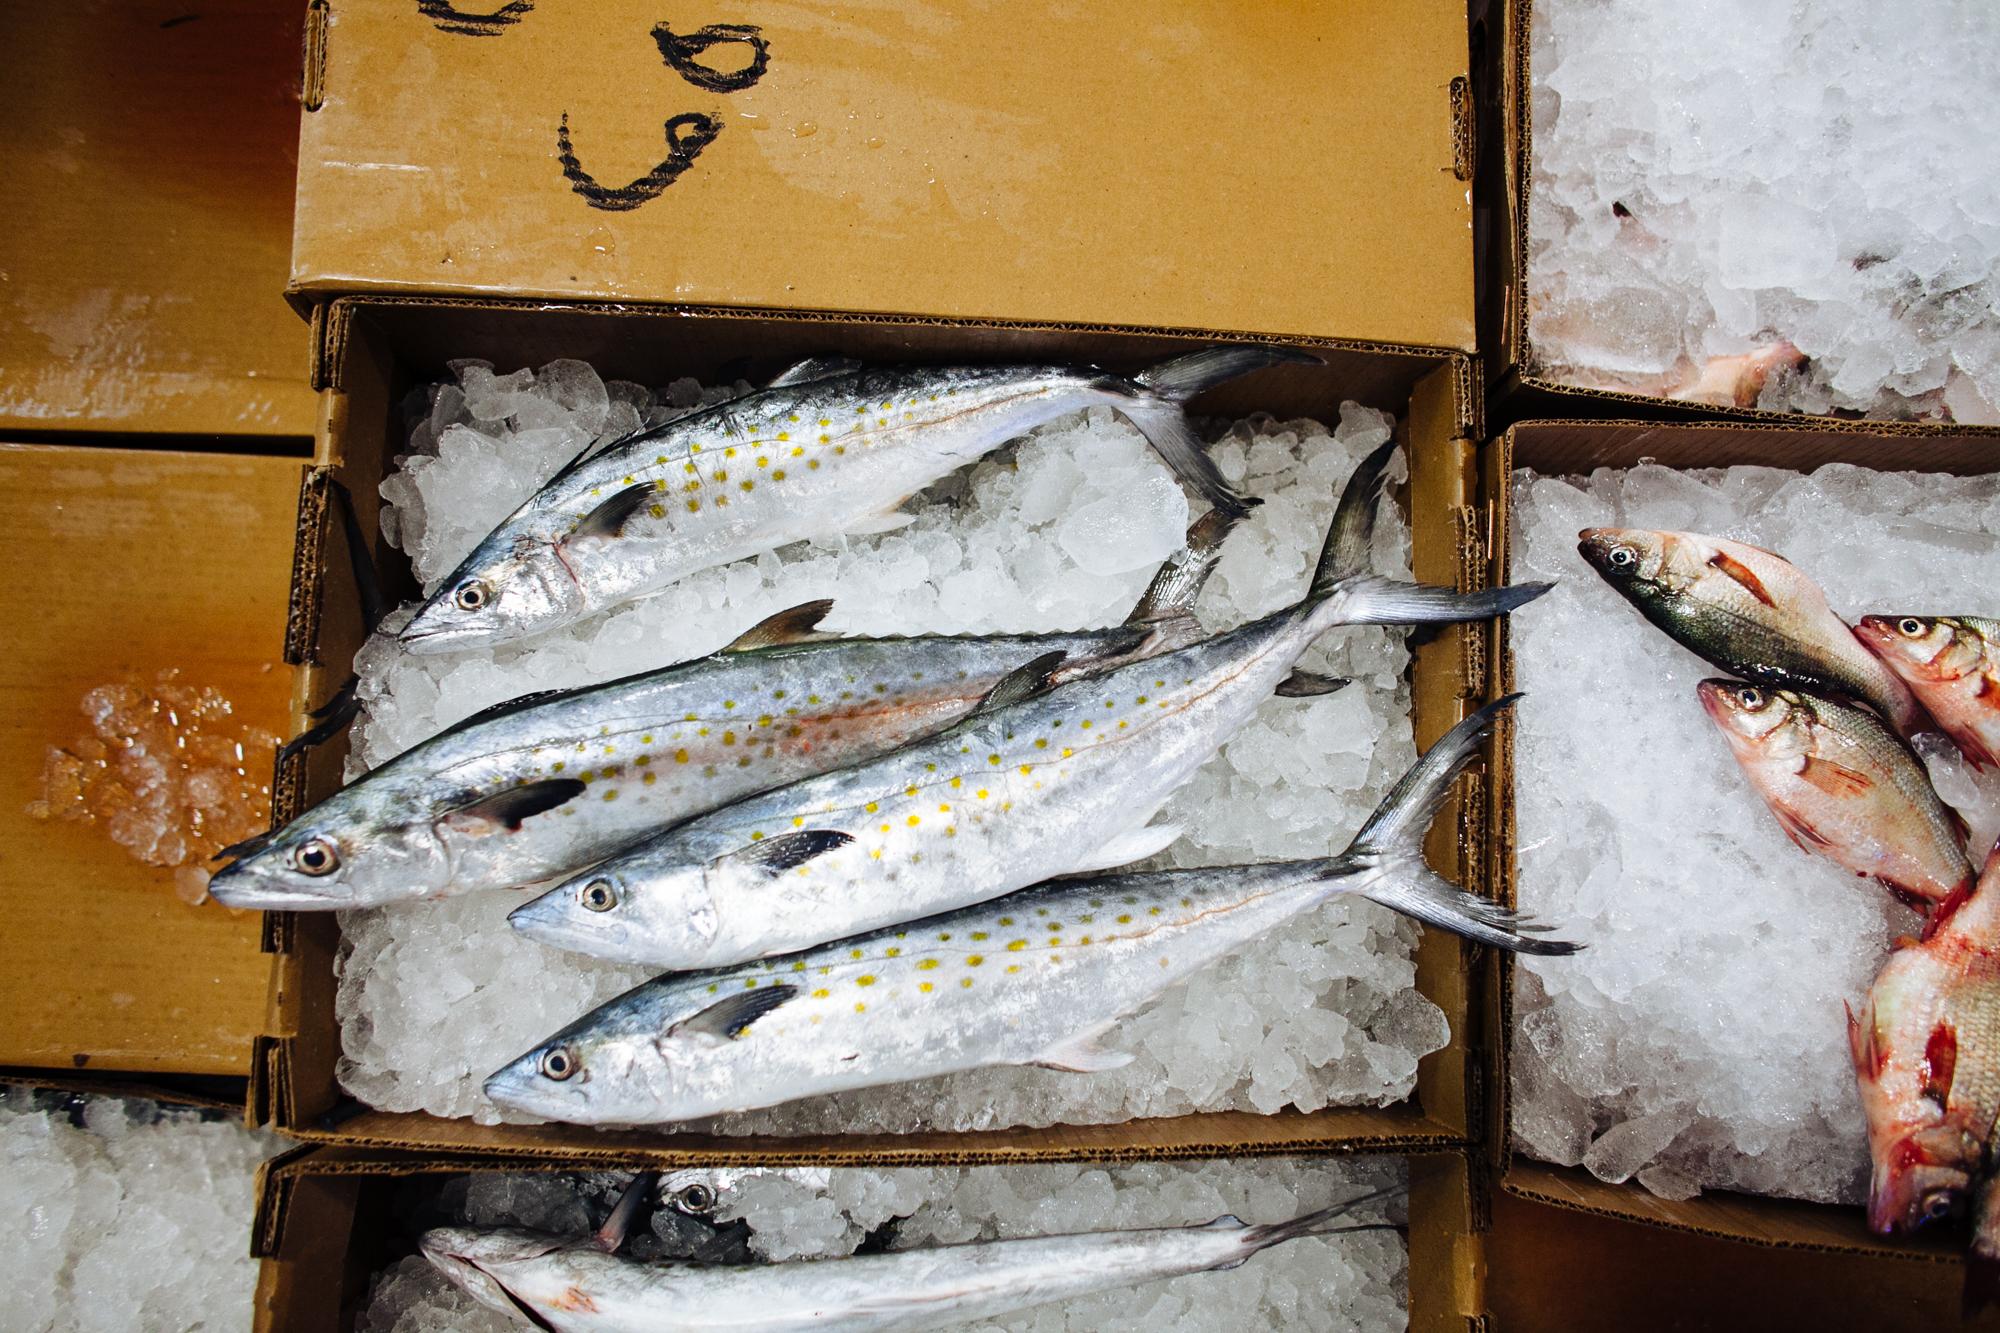 HeatherPhelpsLipton-Fish-HuntsPoint-FultonFishMarket-24.jpg